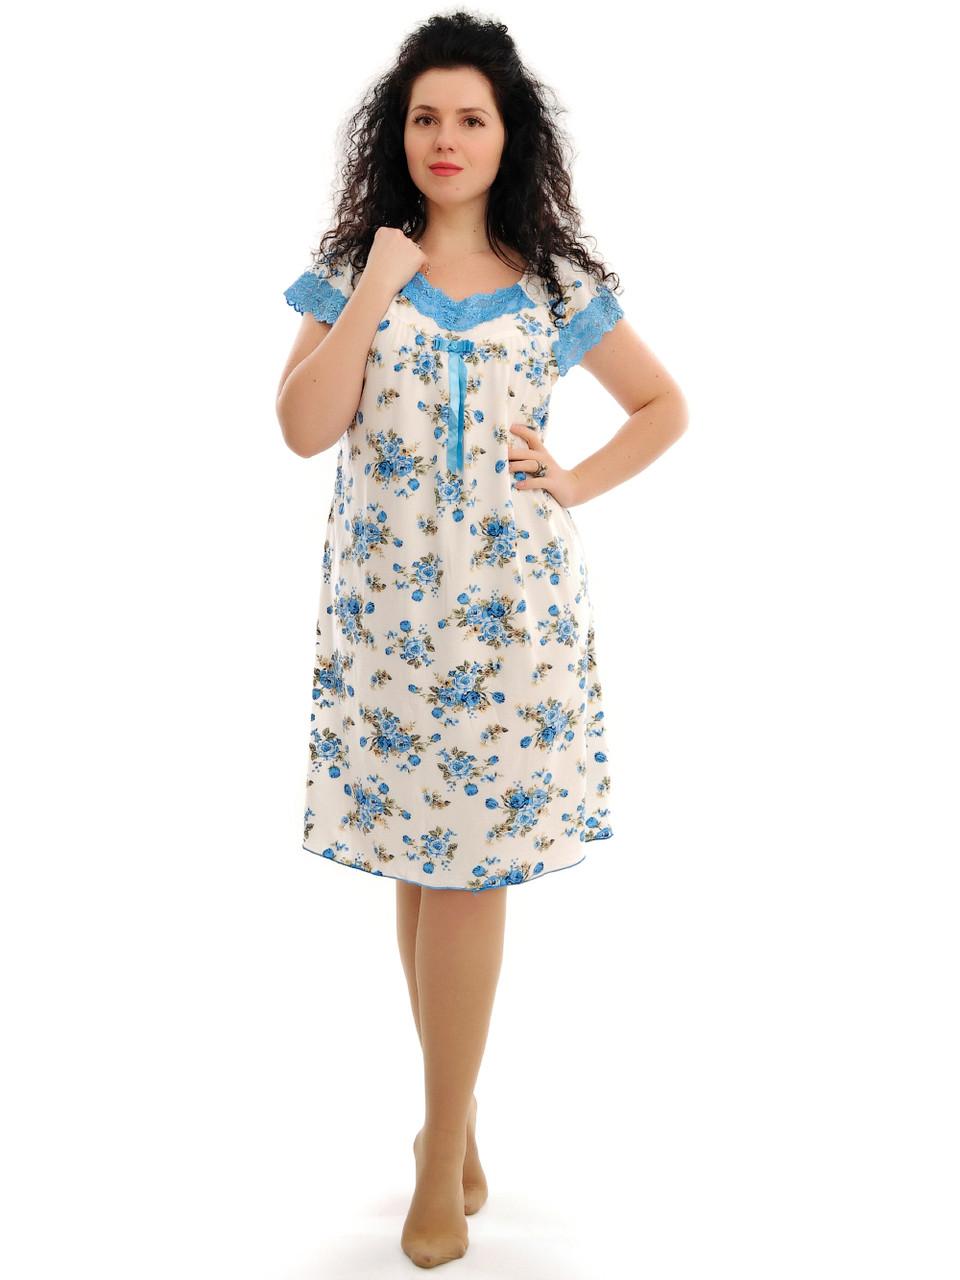 d3aaac94ce42d Женская ночная рубашка с кружевом: продажа, цена в Одессе. пеньюары ...